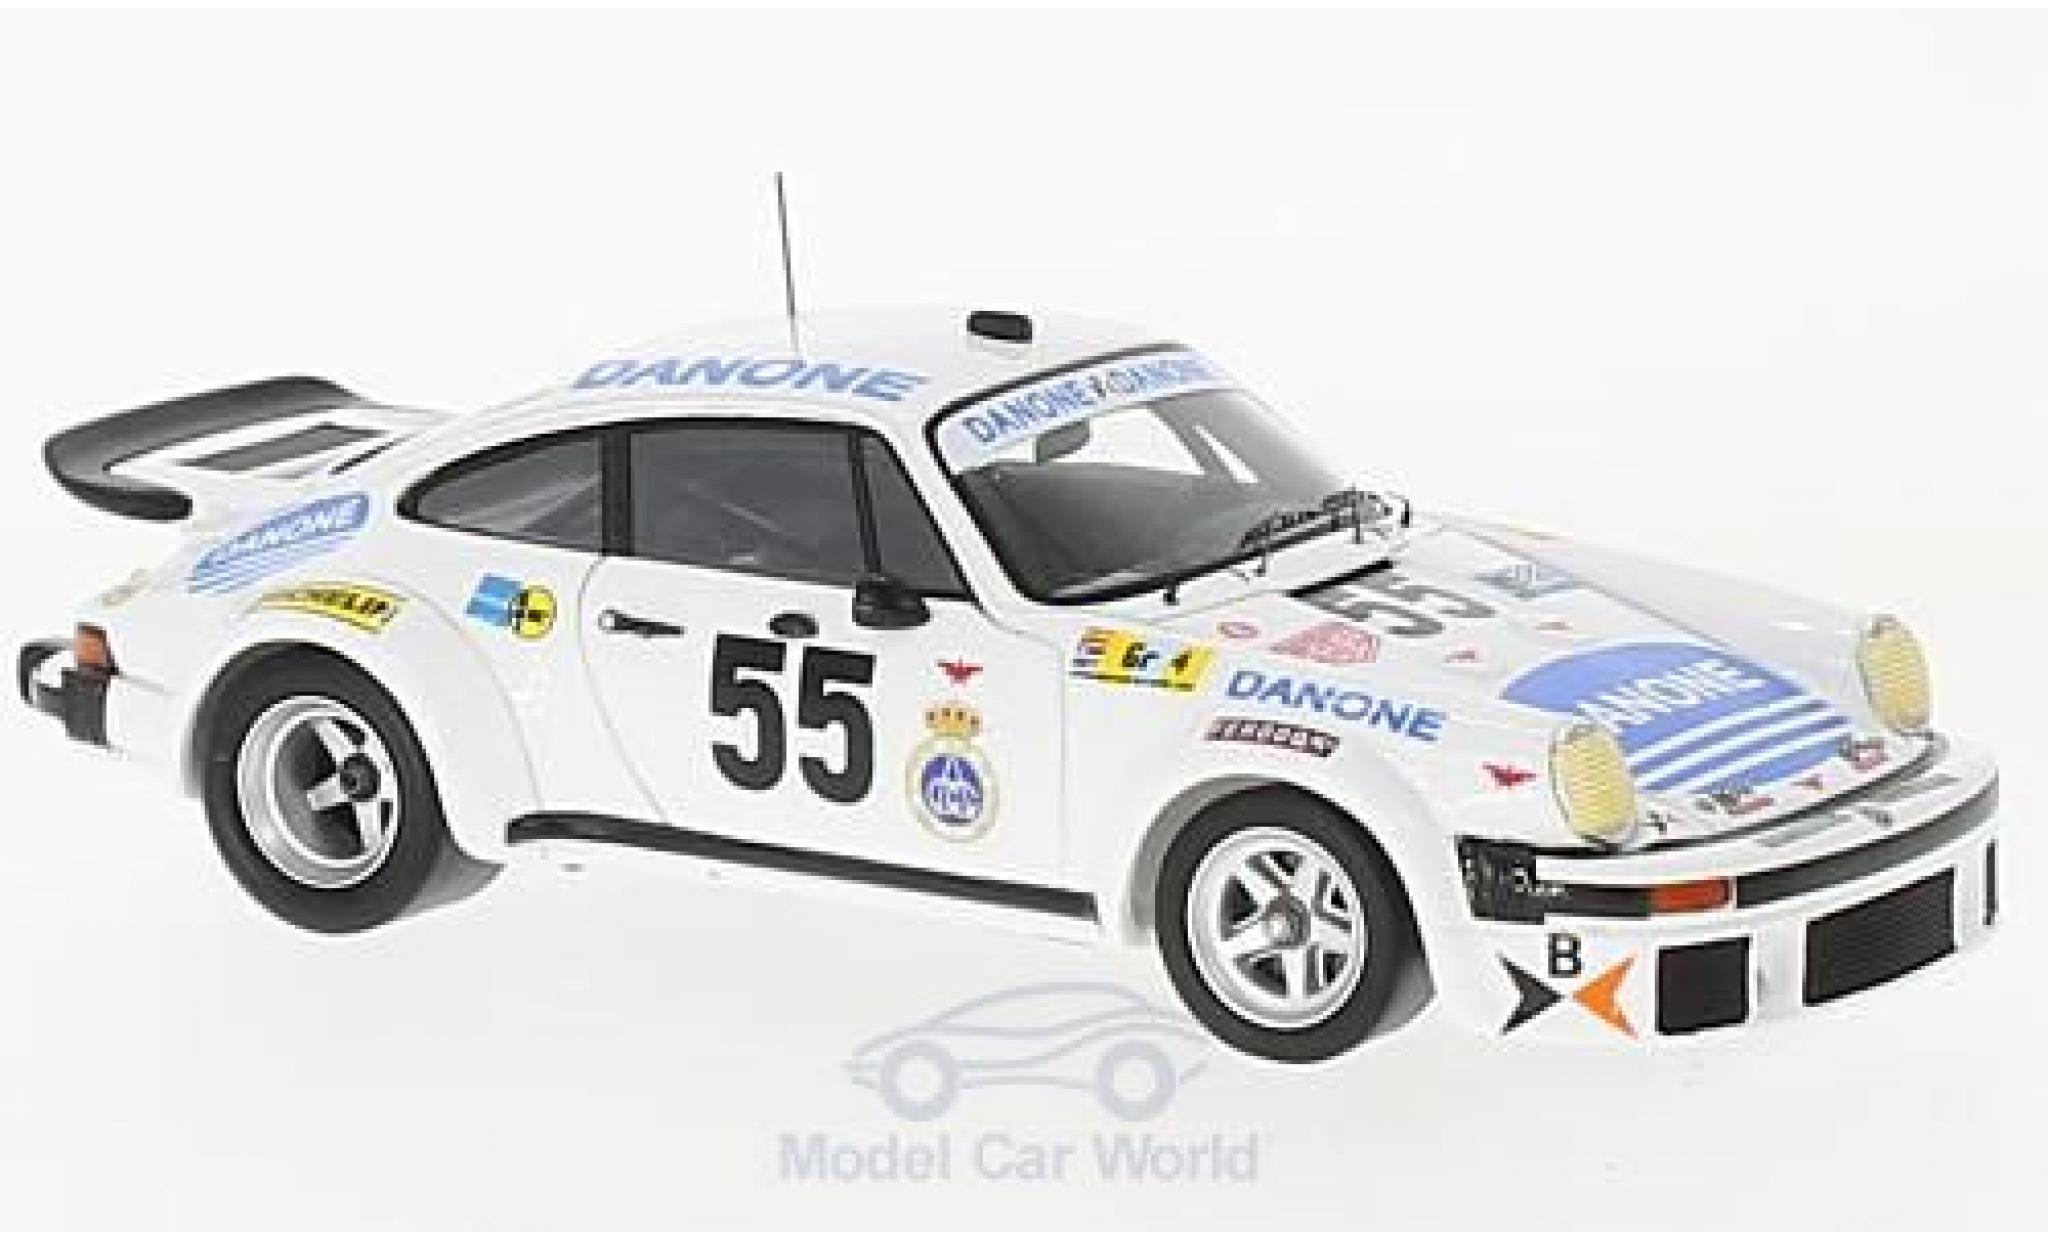 Porsche 934 1/43 Spark No.55 Danone 24h Le Mans 1977 J.Fernandez/E.Baturone/R.Tarradas